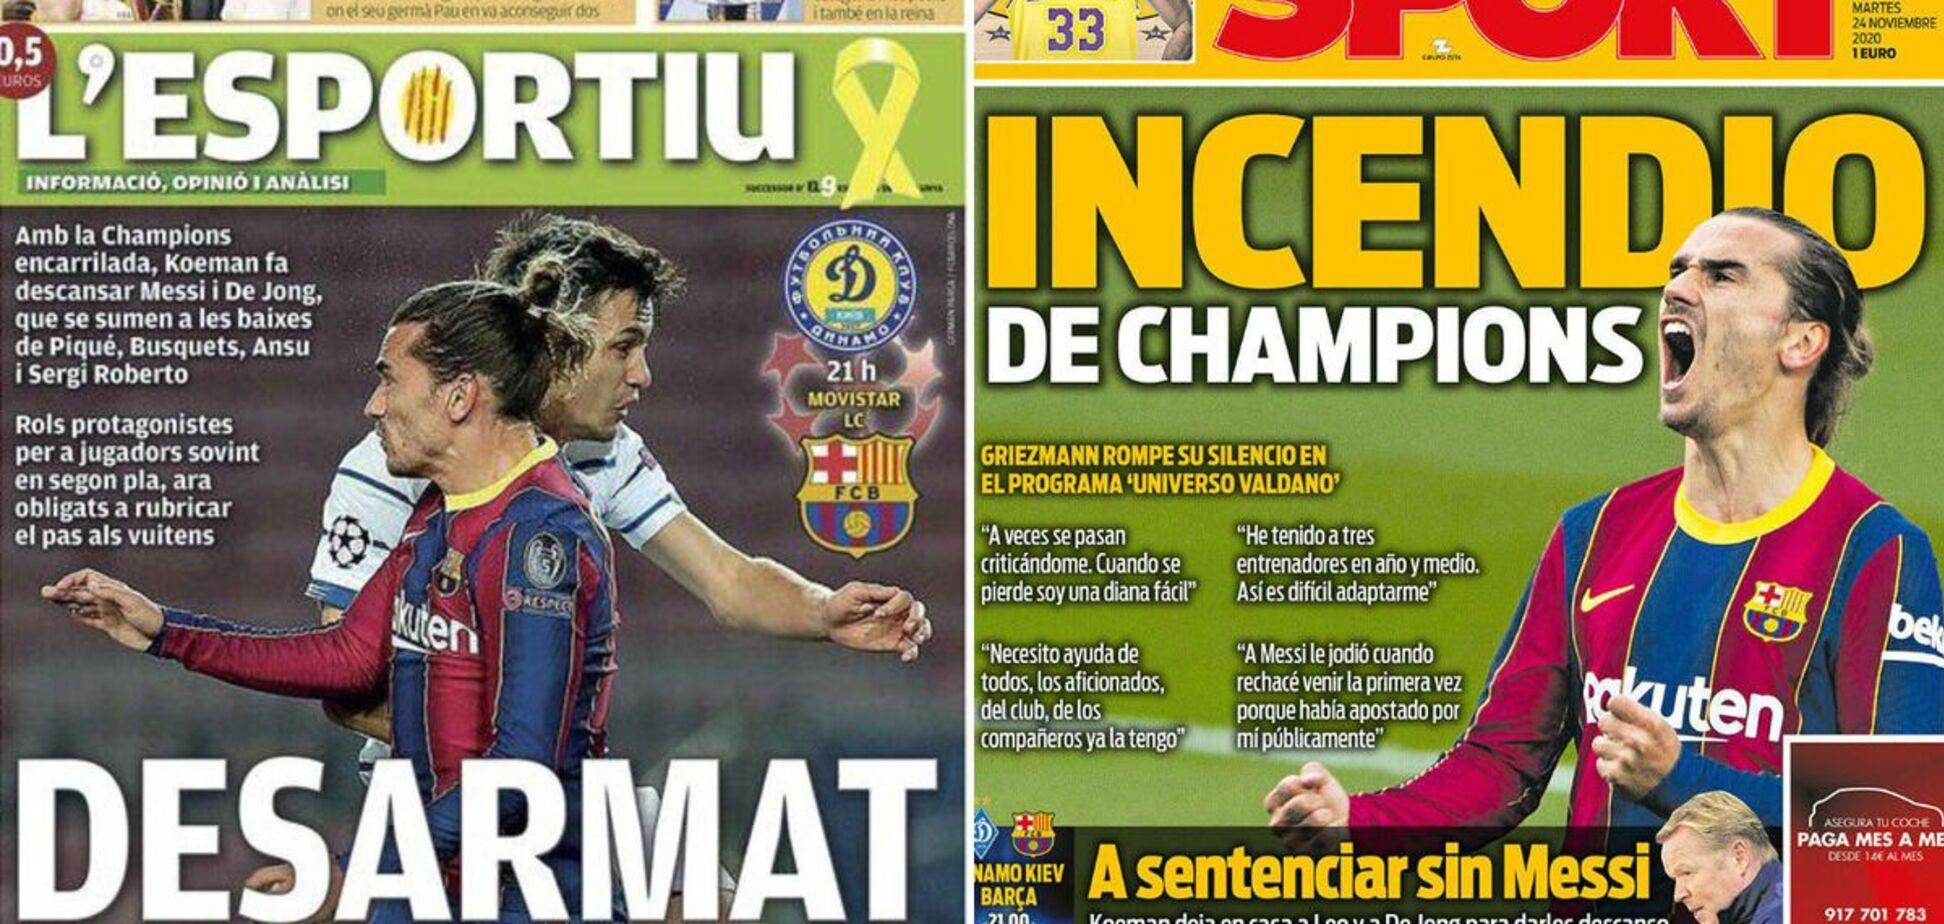 Іспанська преса 'по-російськи' осоромилася з 'Динамо' перед матчем з 'Барселоною'